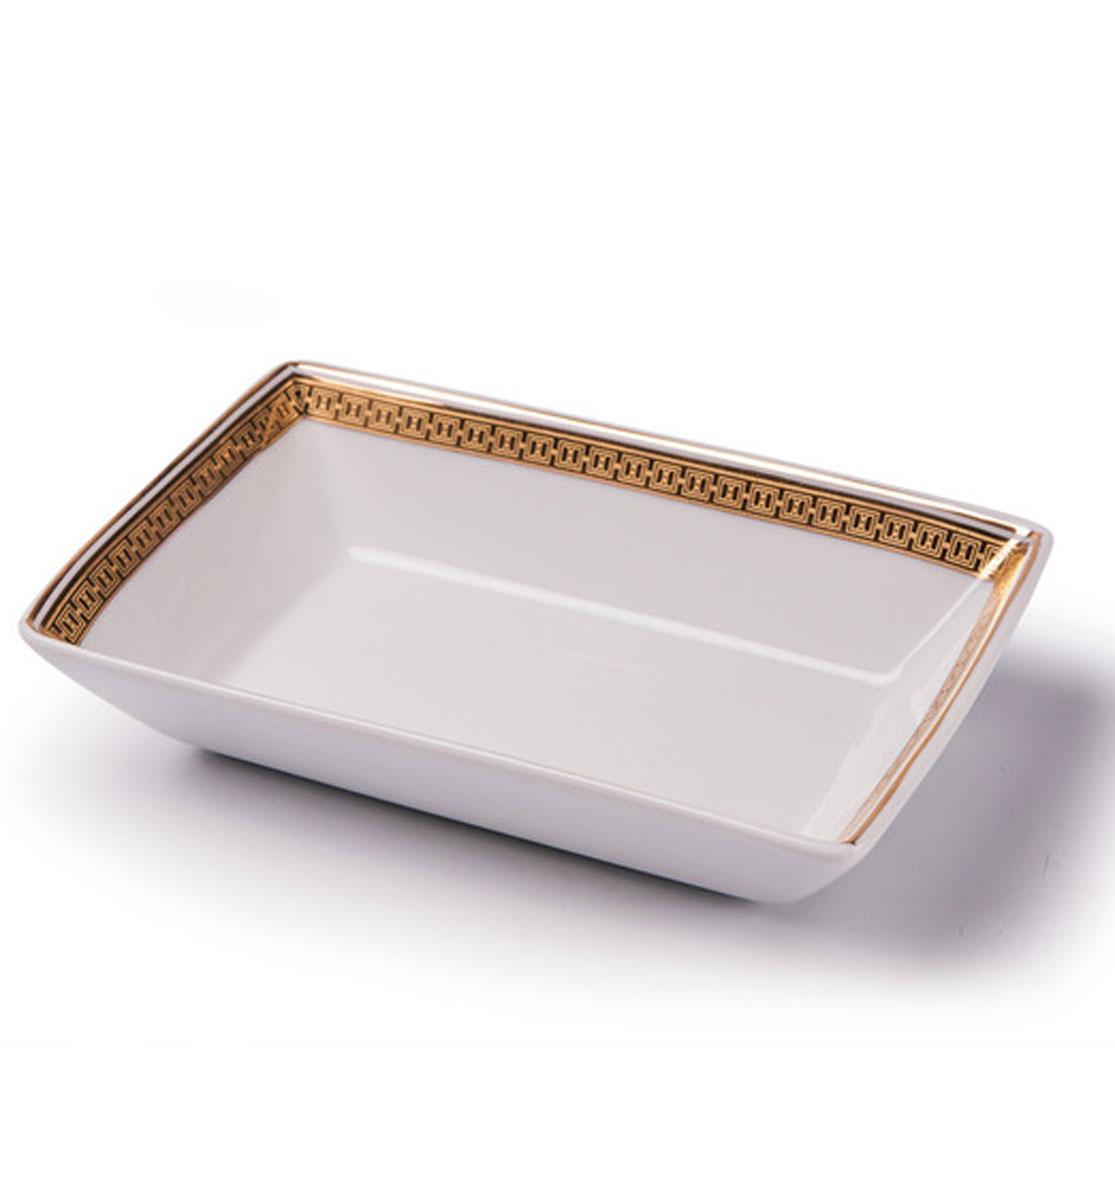 Kyoto 1555 Блюдо прямоугольное, Д13х 9 золото, цвет: белый с золотомVT-1520(SR)Блюдо прямоугольное 13 х 9 см Материал: фарфор: цвет: белый с золотомСерия: KYOTO